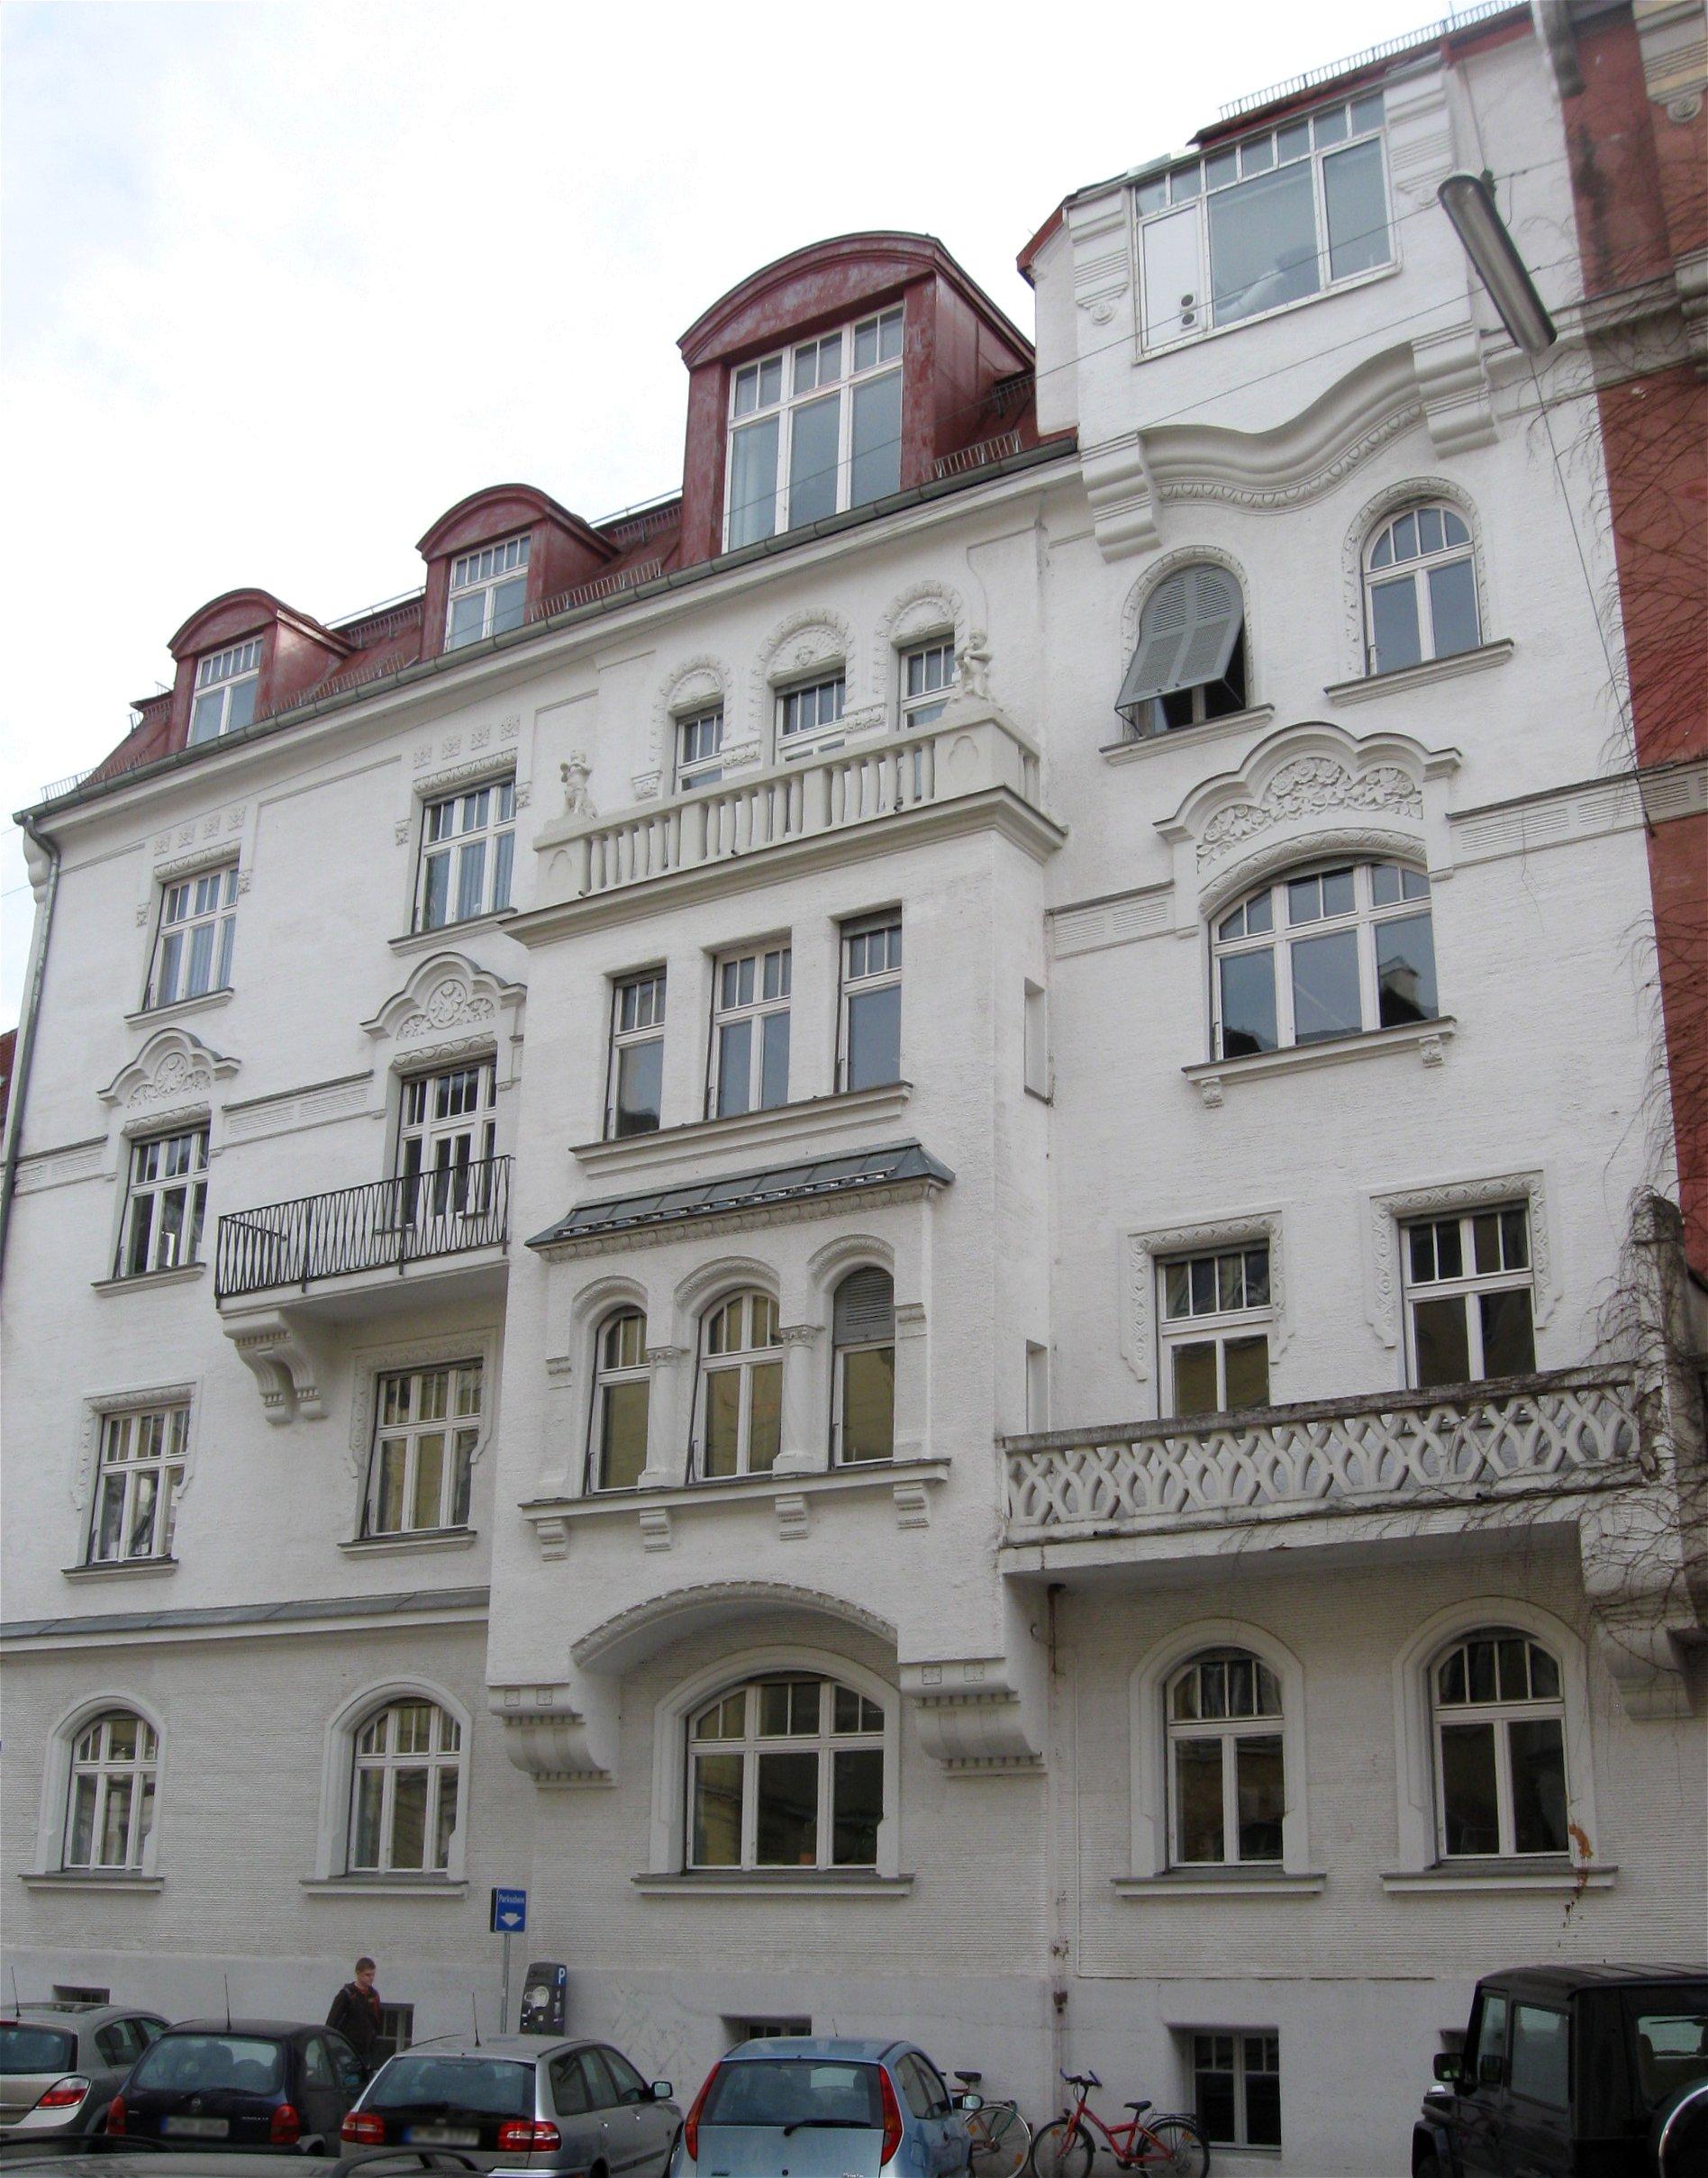 File:Konradstr. 6 Muenchen-2.jpg - Wikimedia Commons